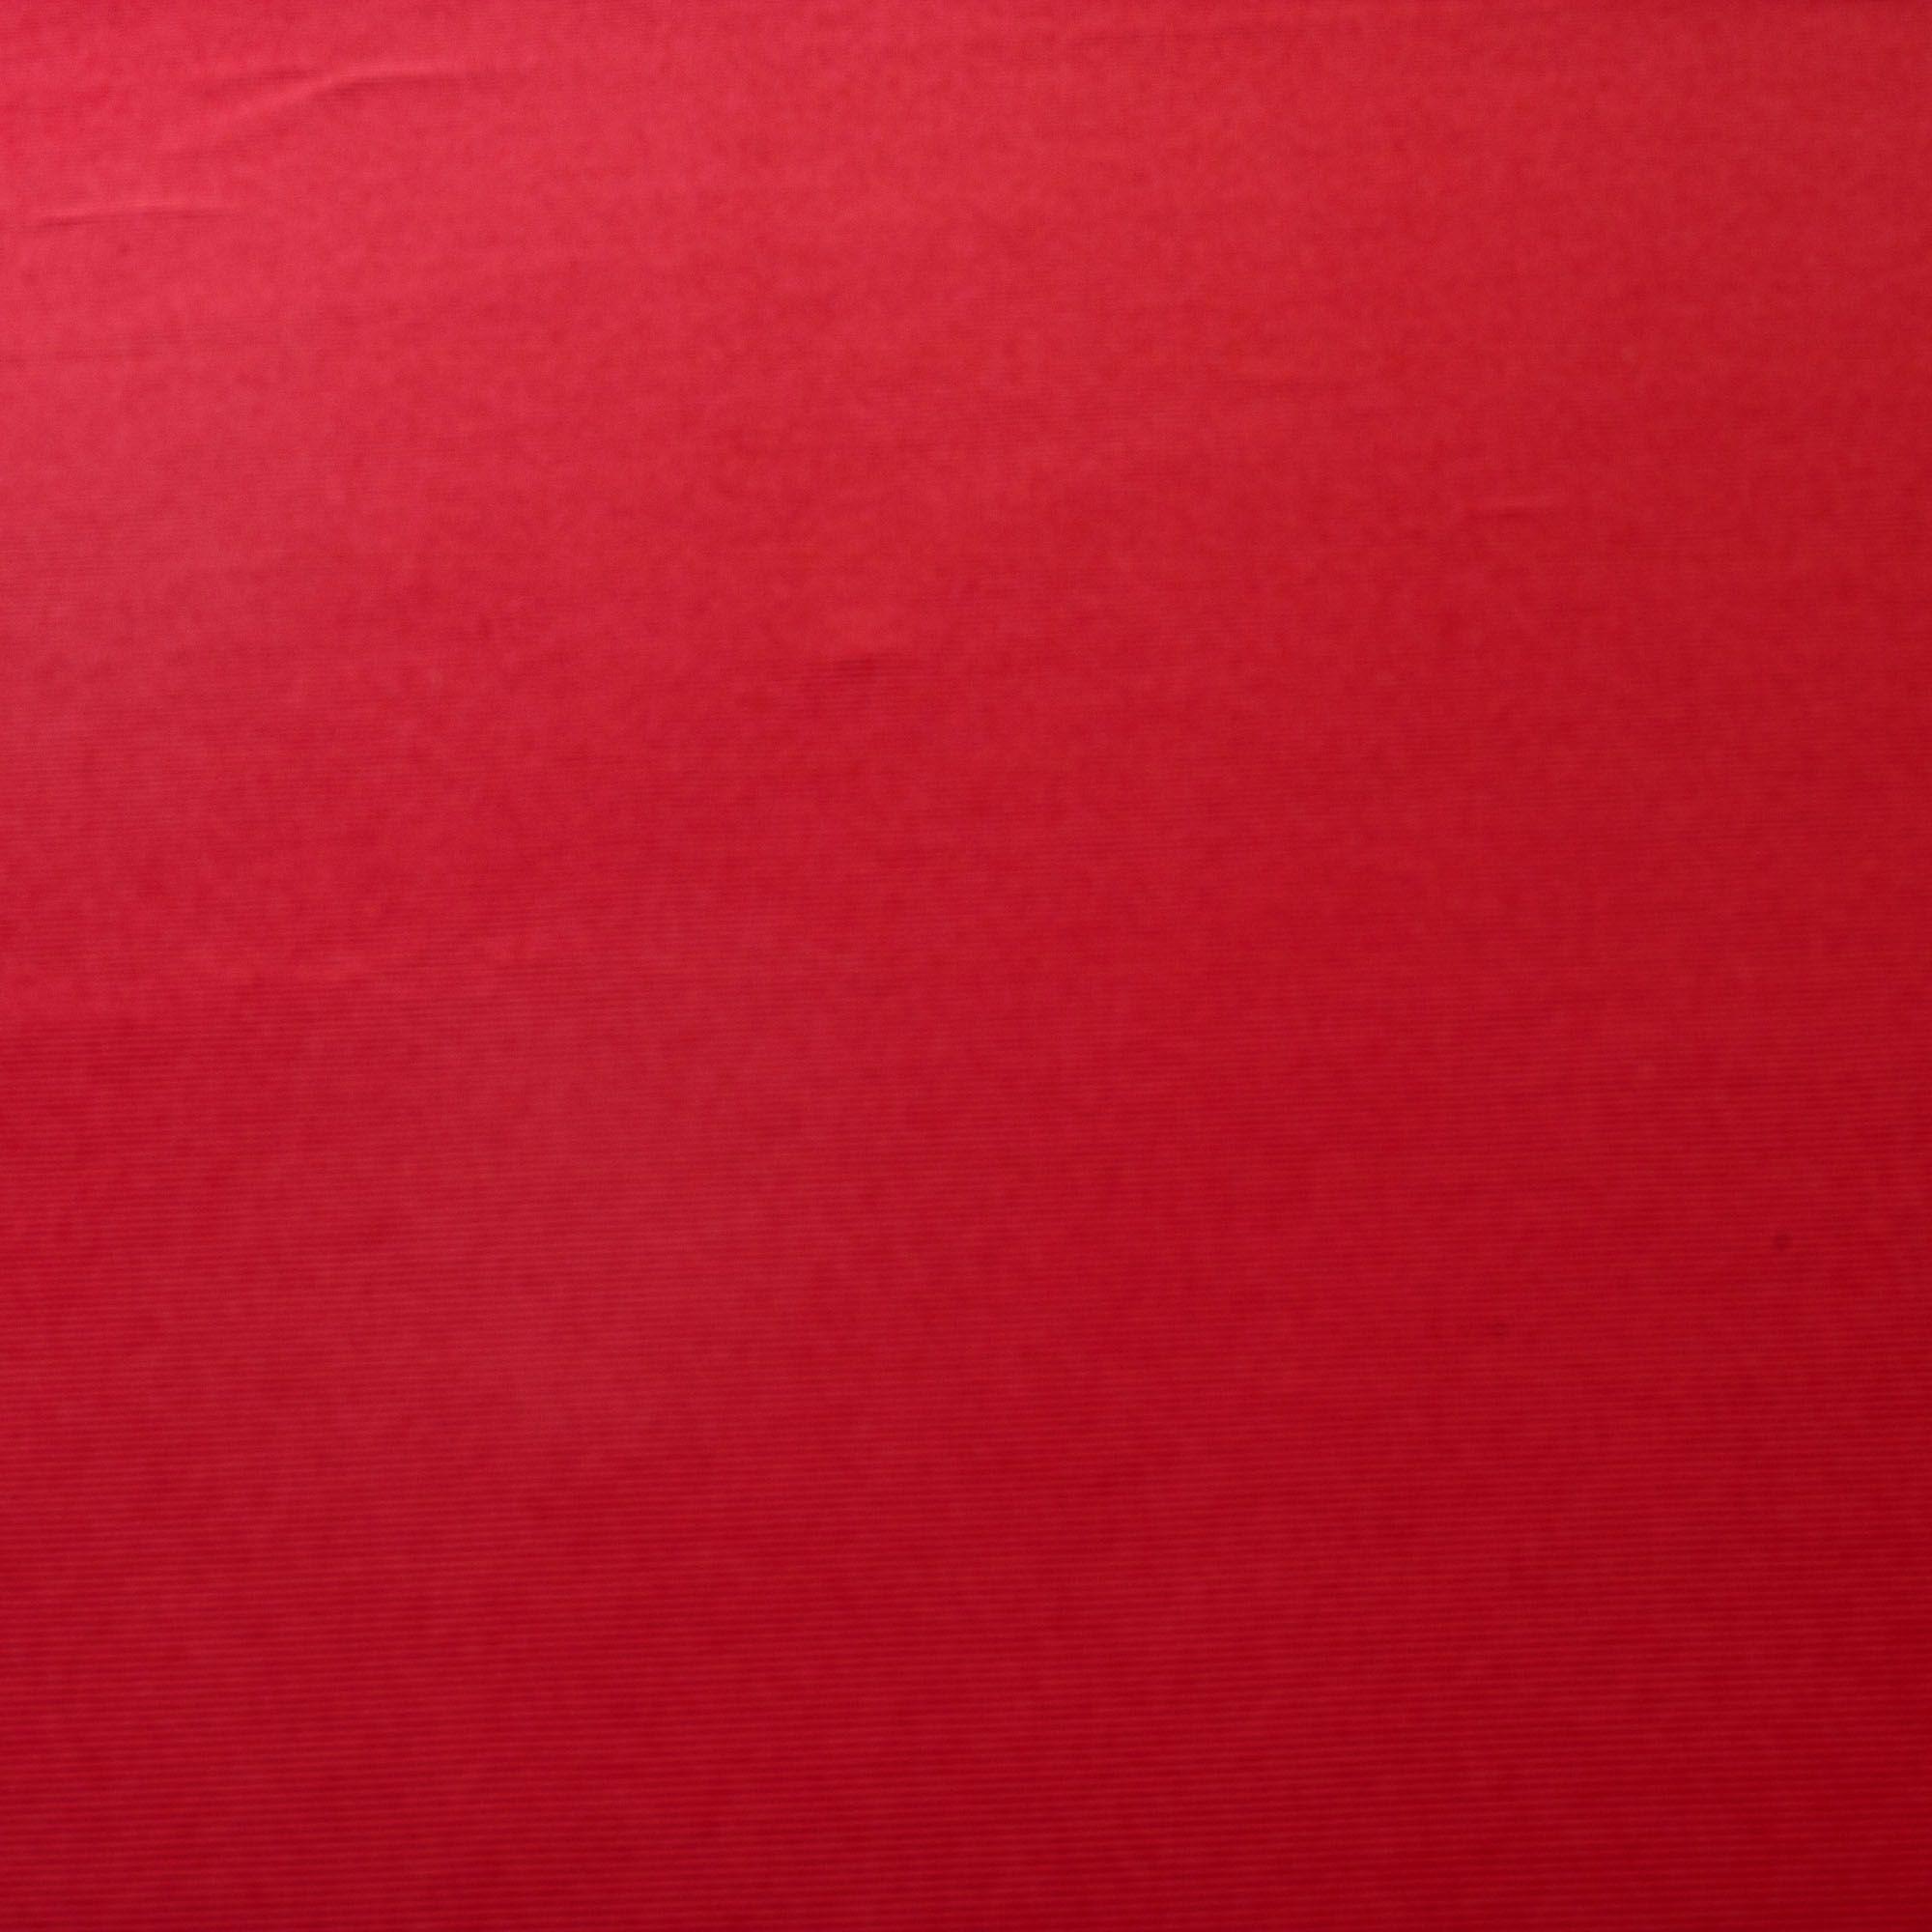 Tecido Malha Canelada Vermelha 92% Poliester 8% Elastano 1,50 m Largura